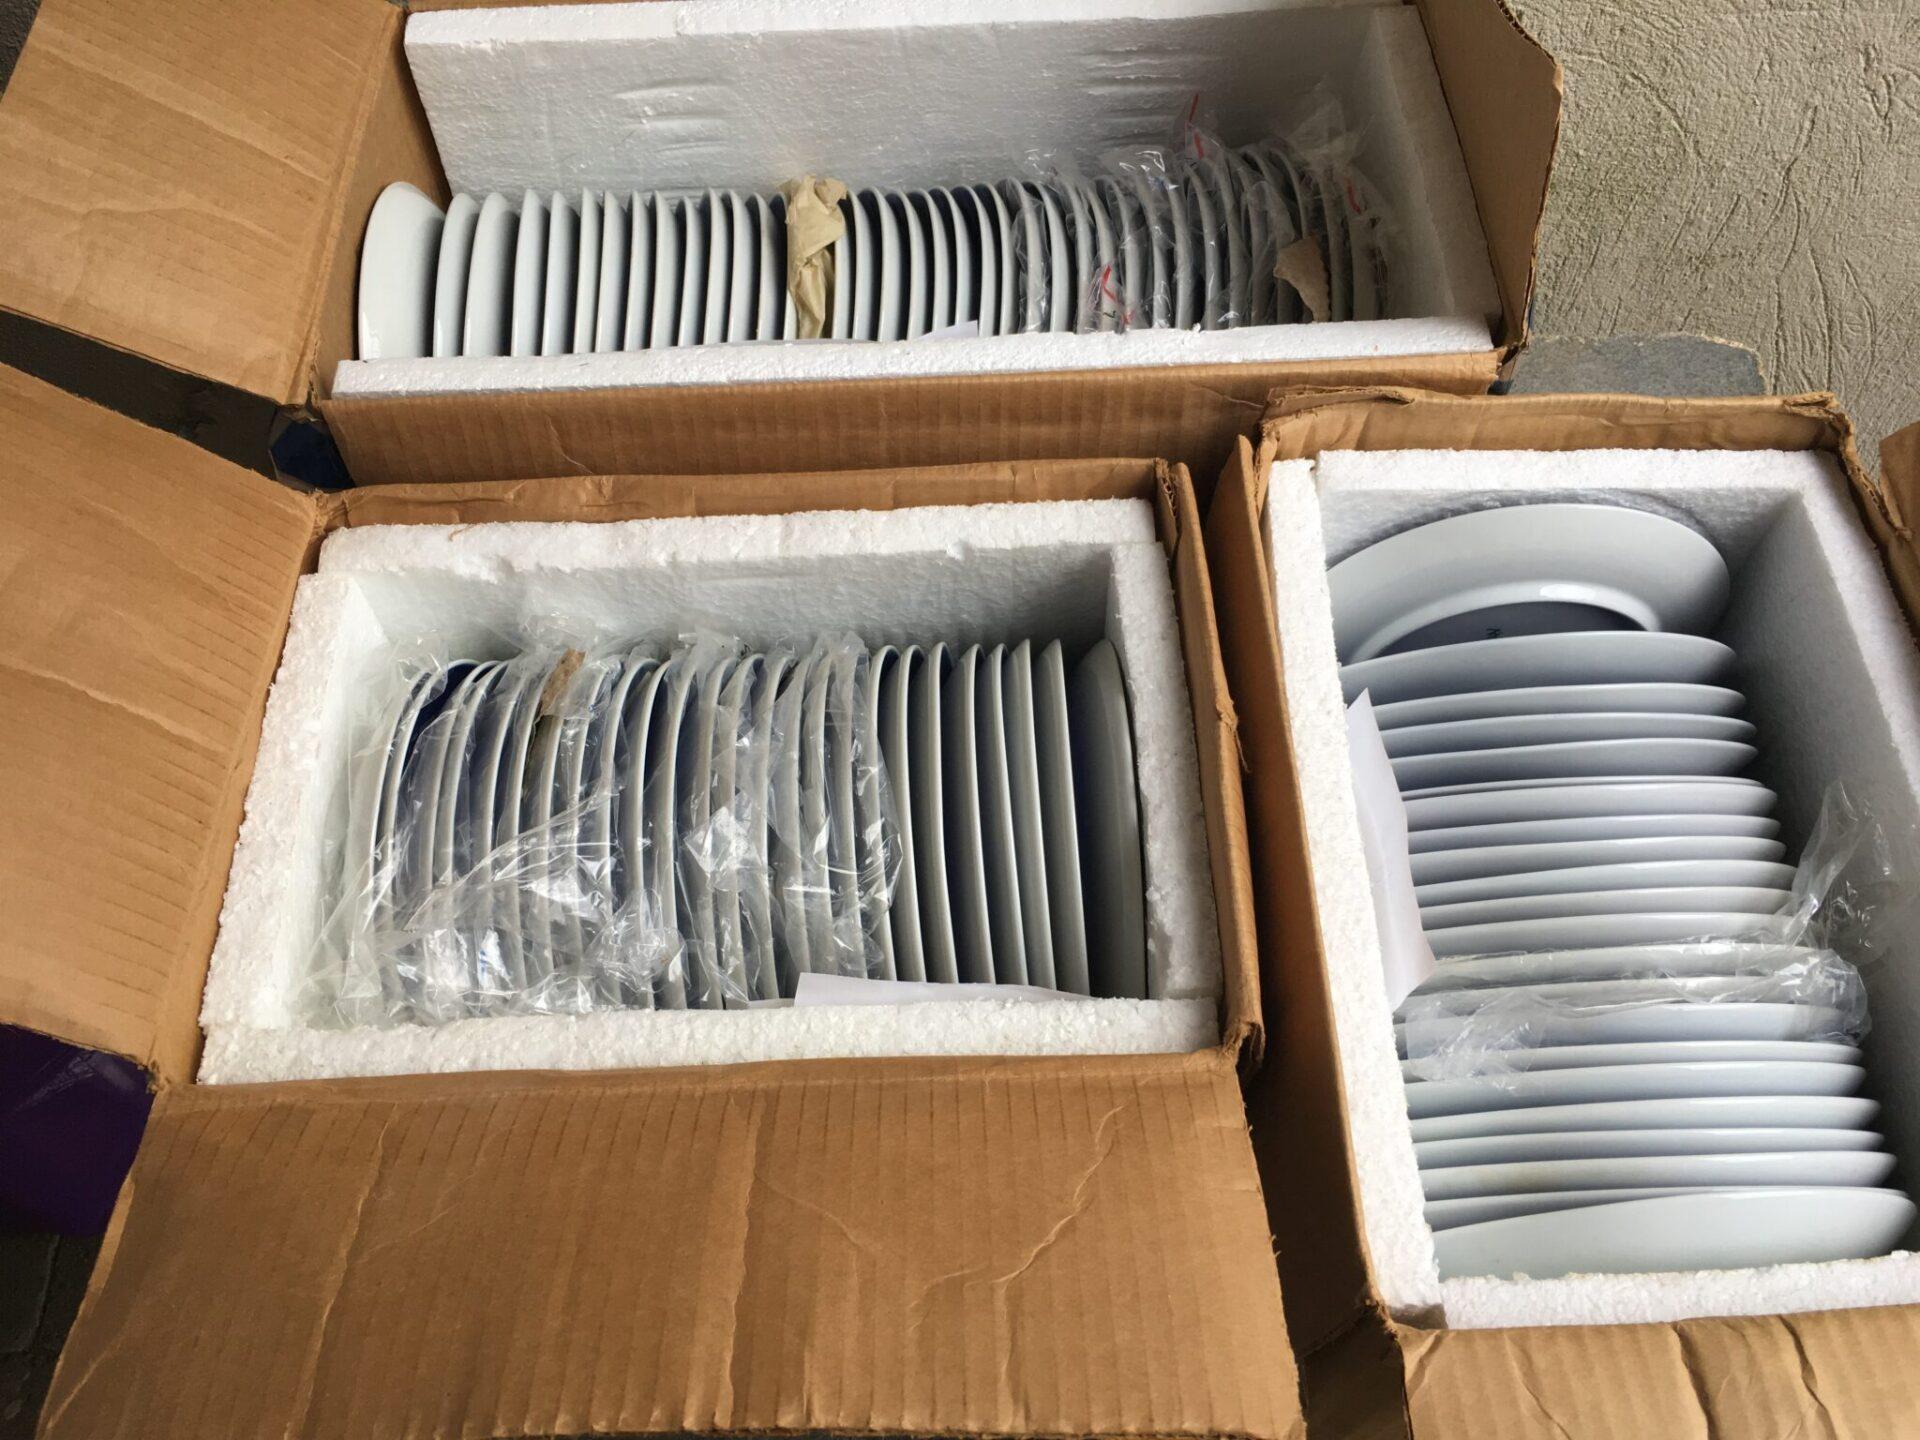 B&G juleplatter, 80 stk i alt 800 kr